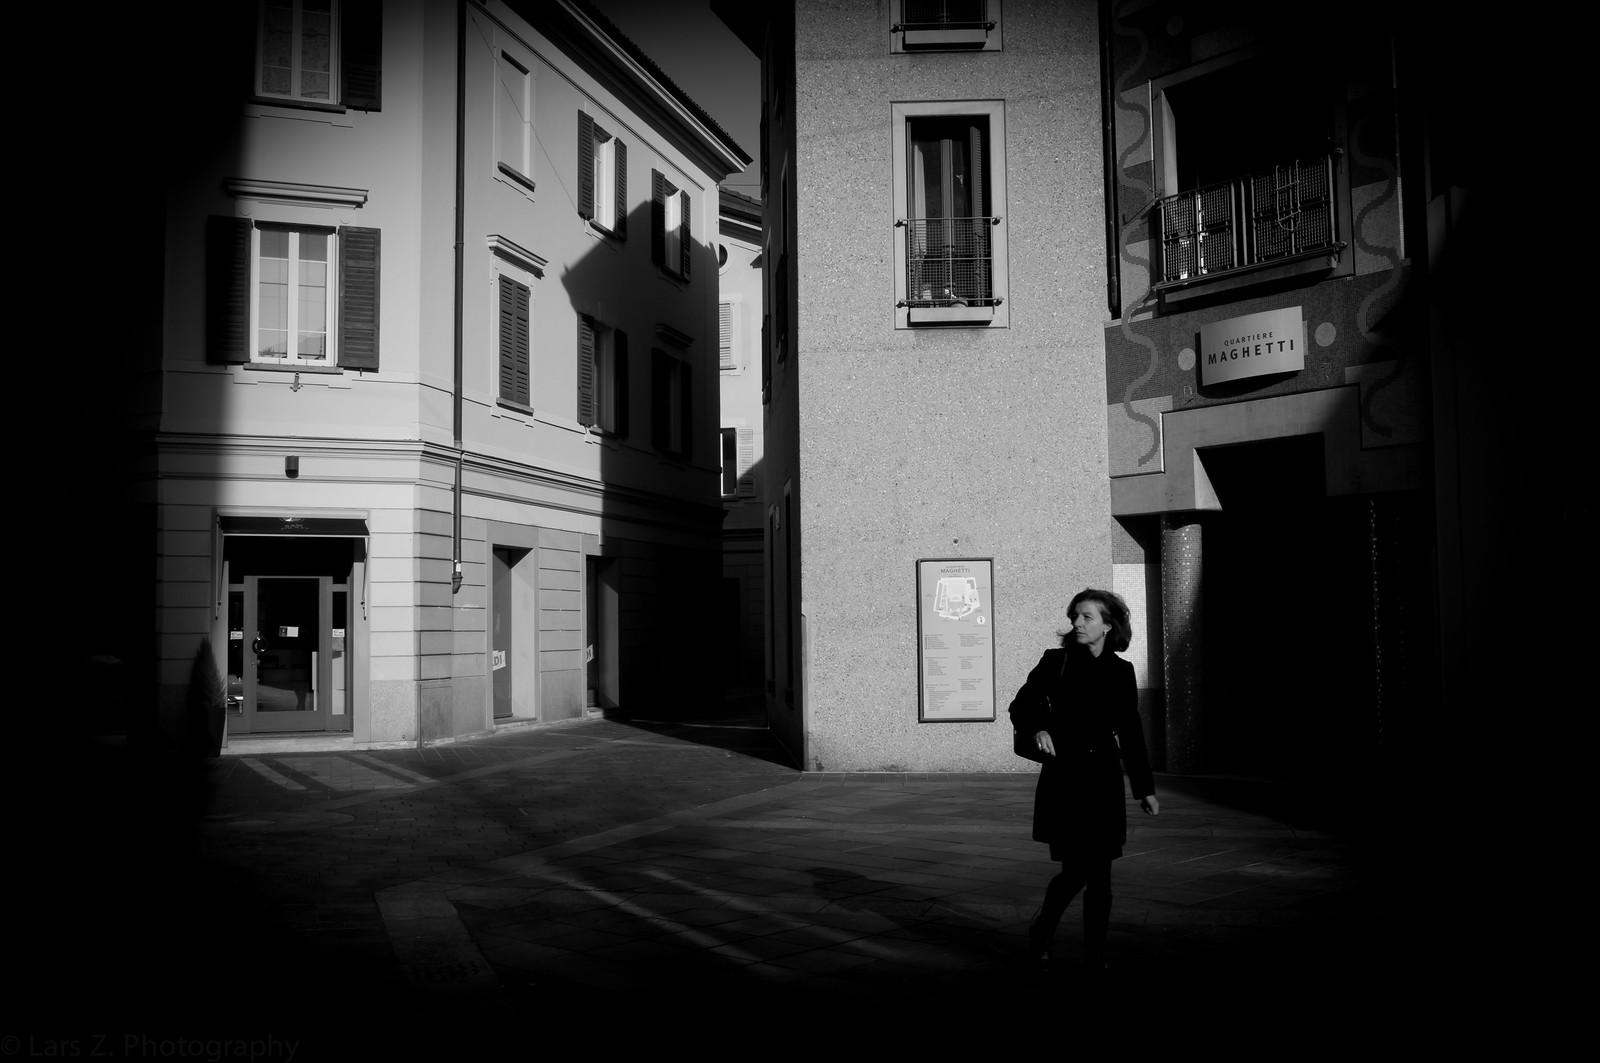 Lugano | by SinoLaZZeR